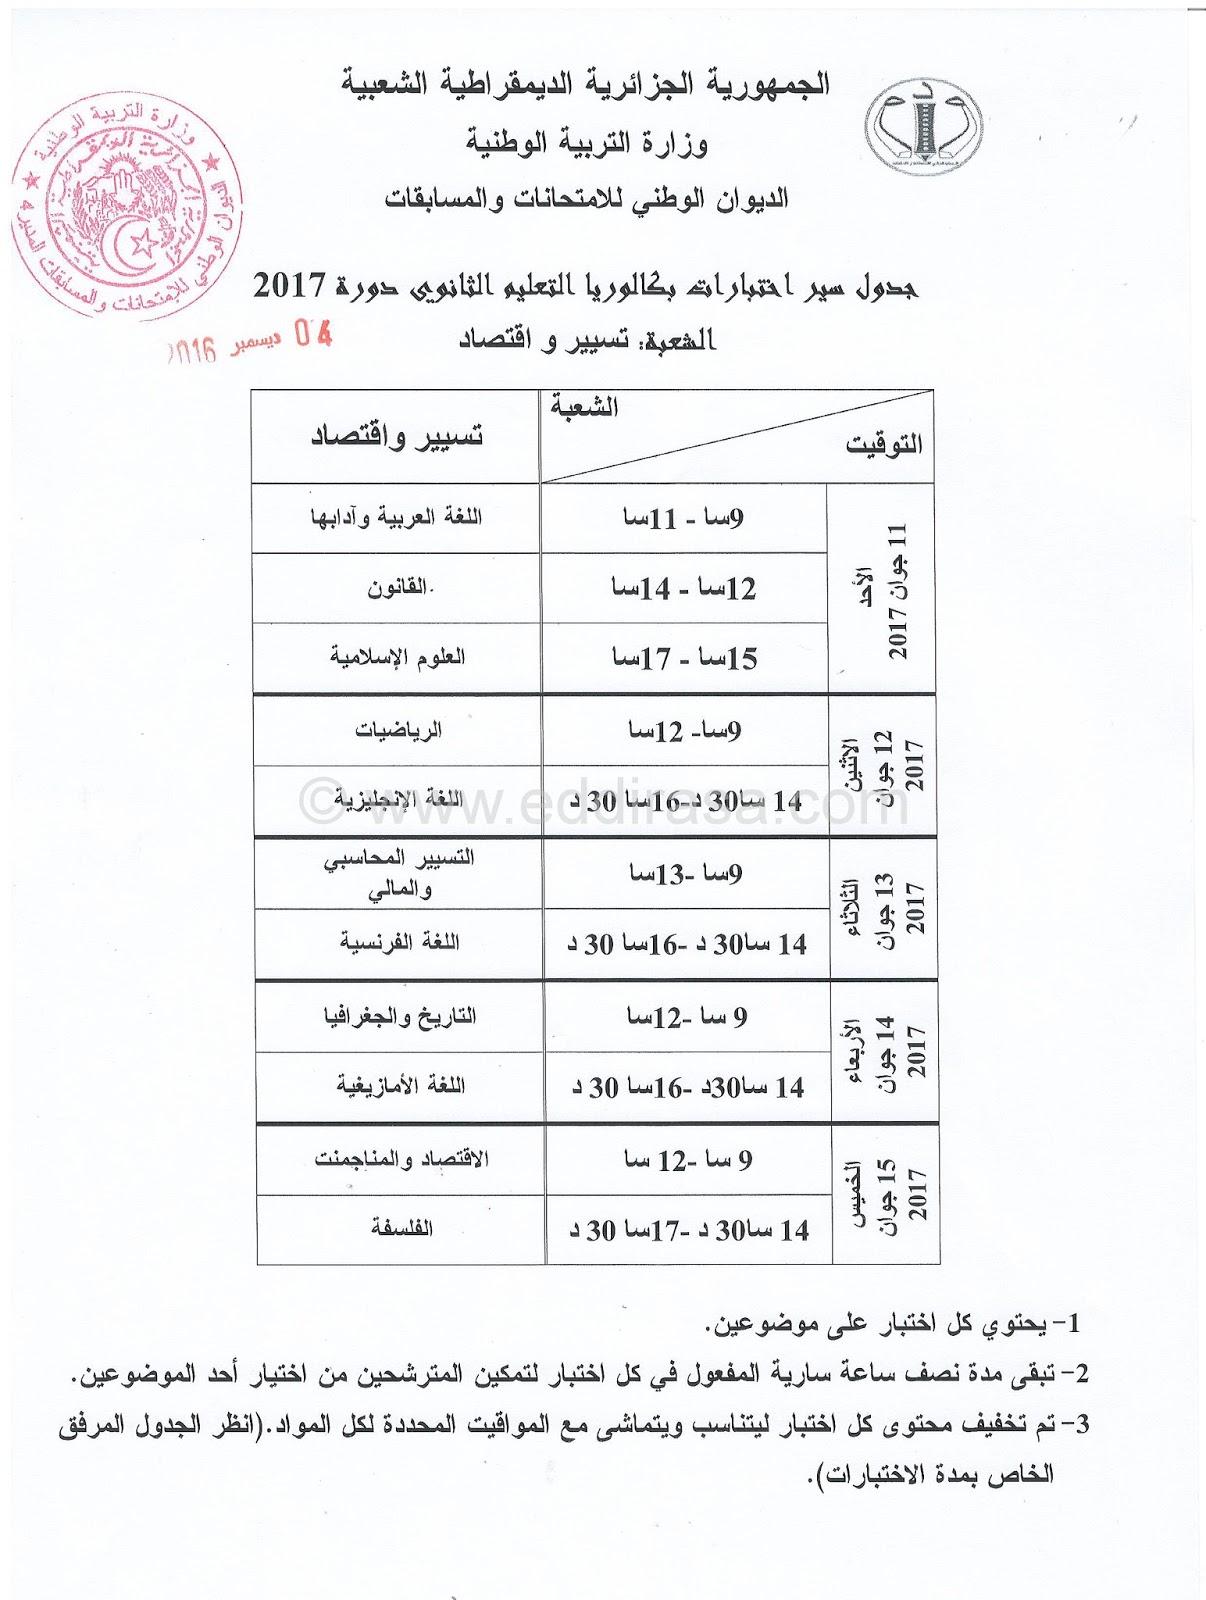 برنامج سير امتحانات بكالوريا 2017 جميع الشعب